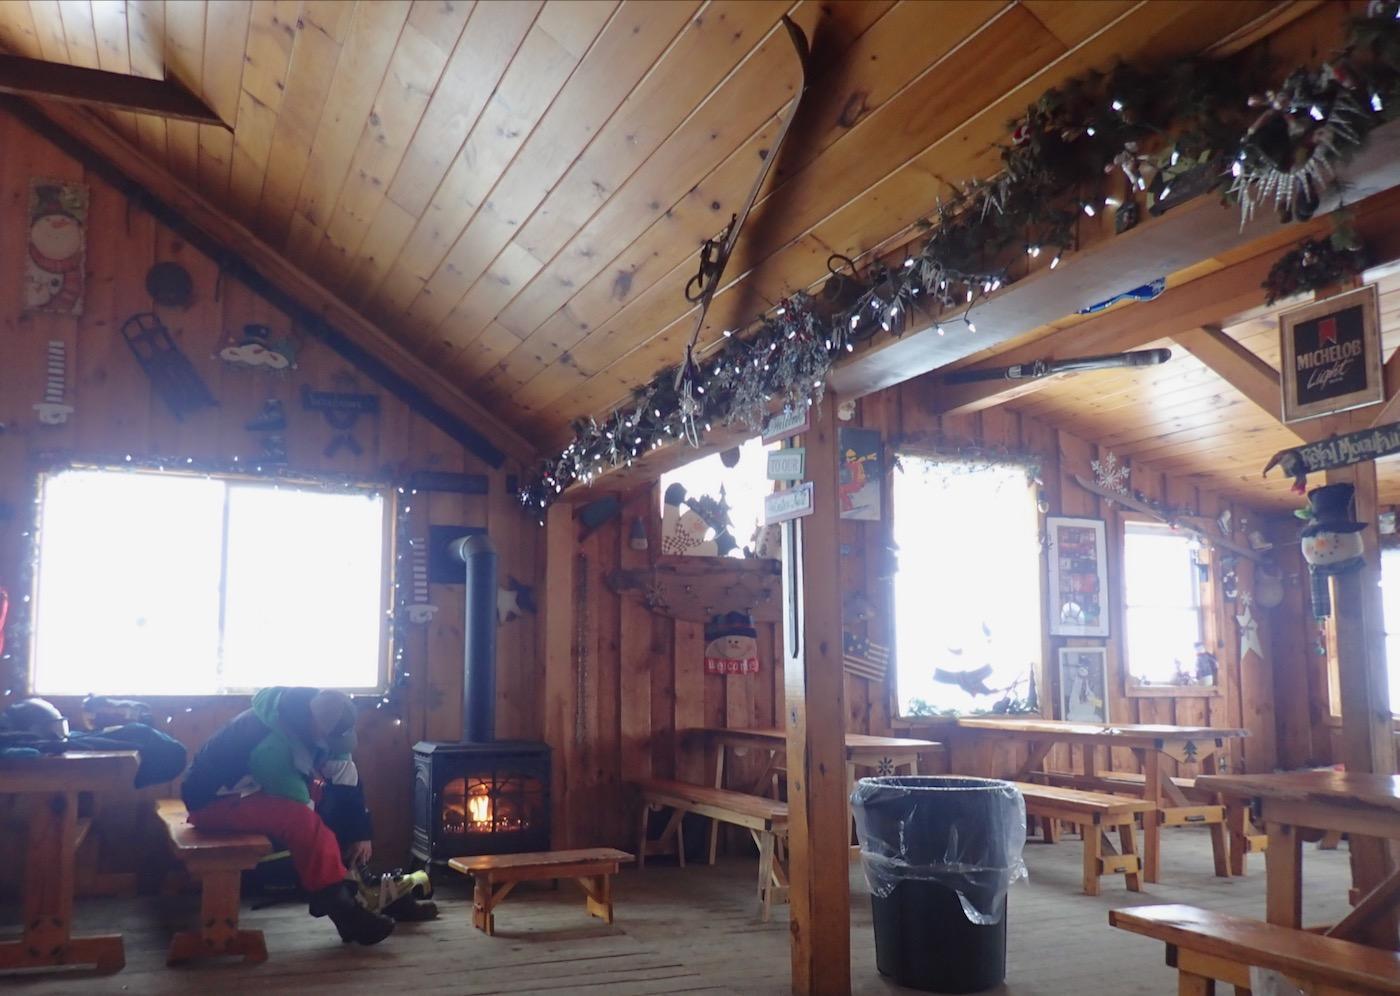 Royal Mountain lodge